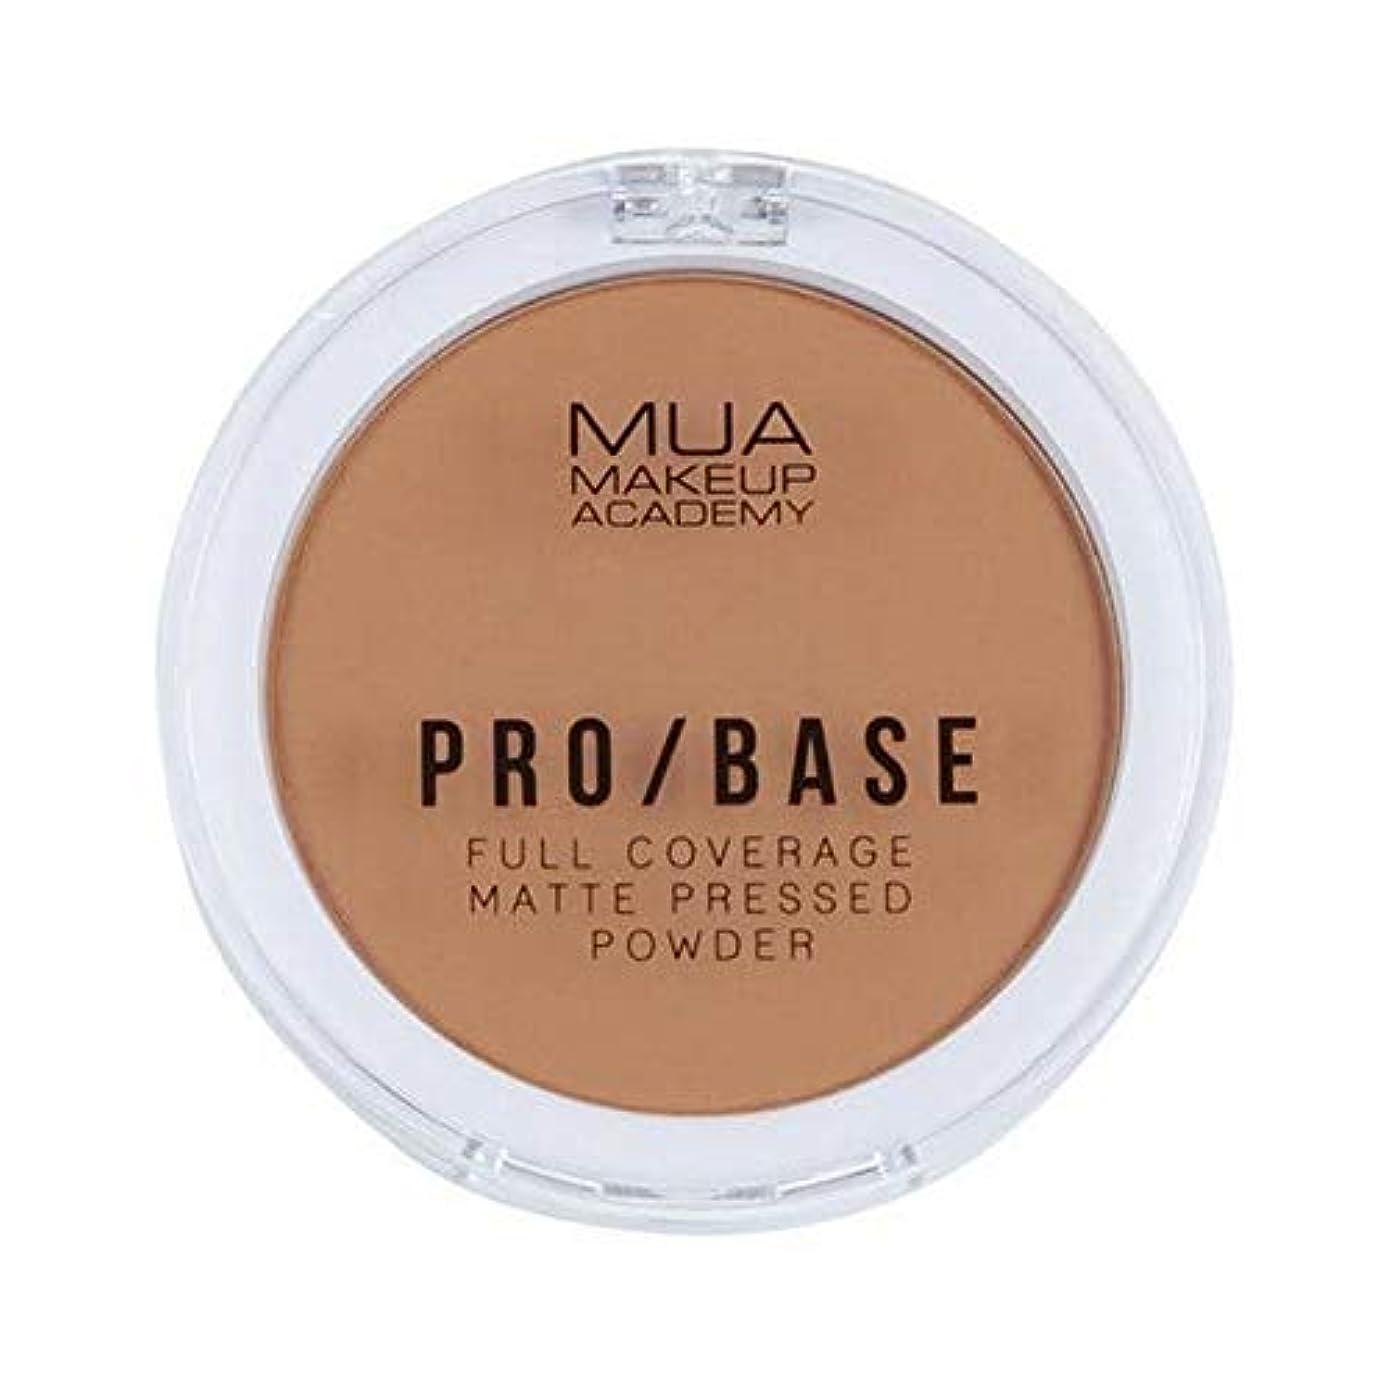 リビジョン飛行場加入[MUA] Muaプロ/ベースのフルカバレッジマットパウダー#170 - MUA Pro/Base Full Coverage Matte Powder #170 [並行輸入品]